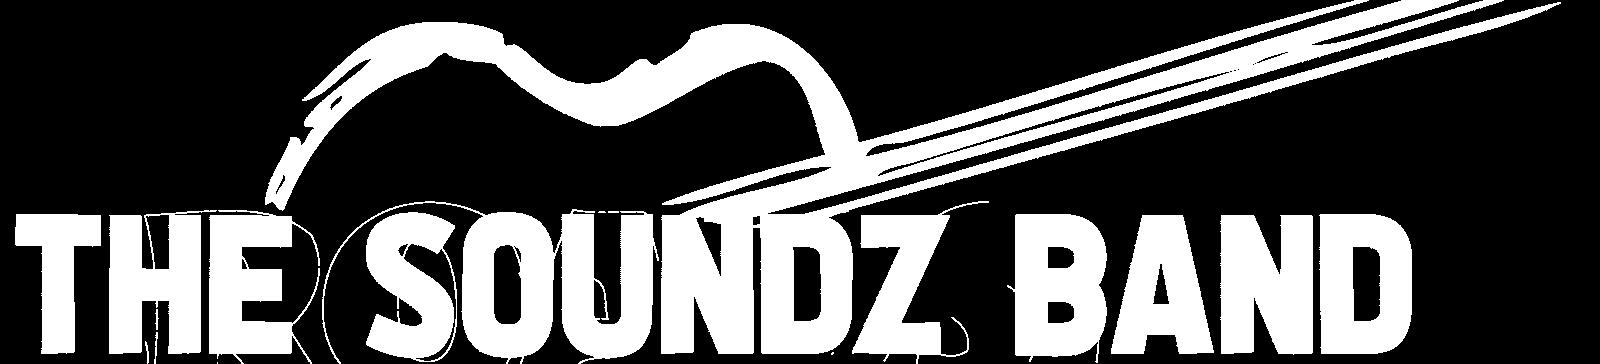 THE SOUNDZ BAND